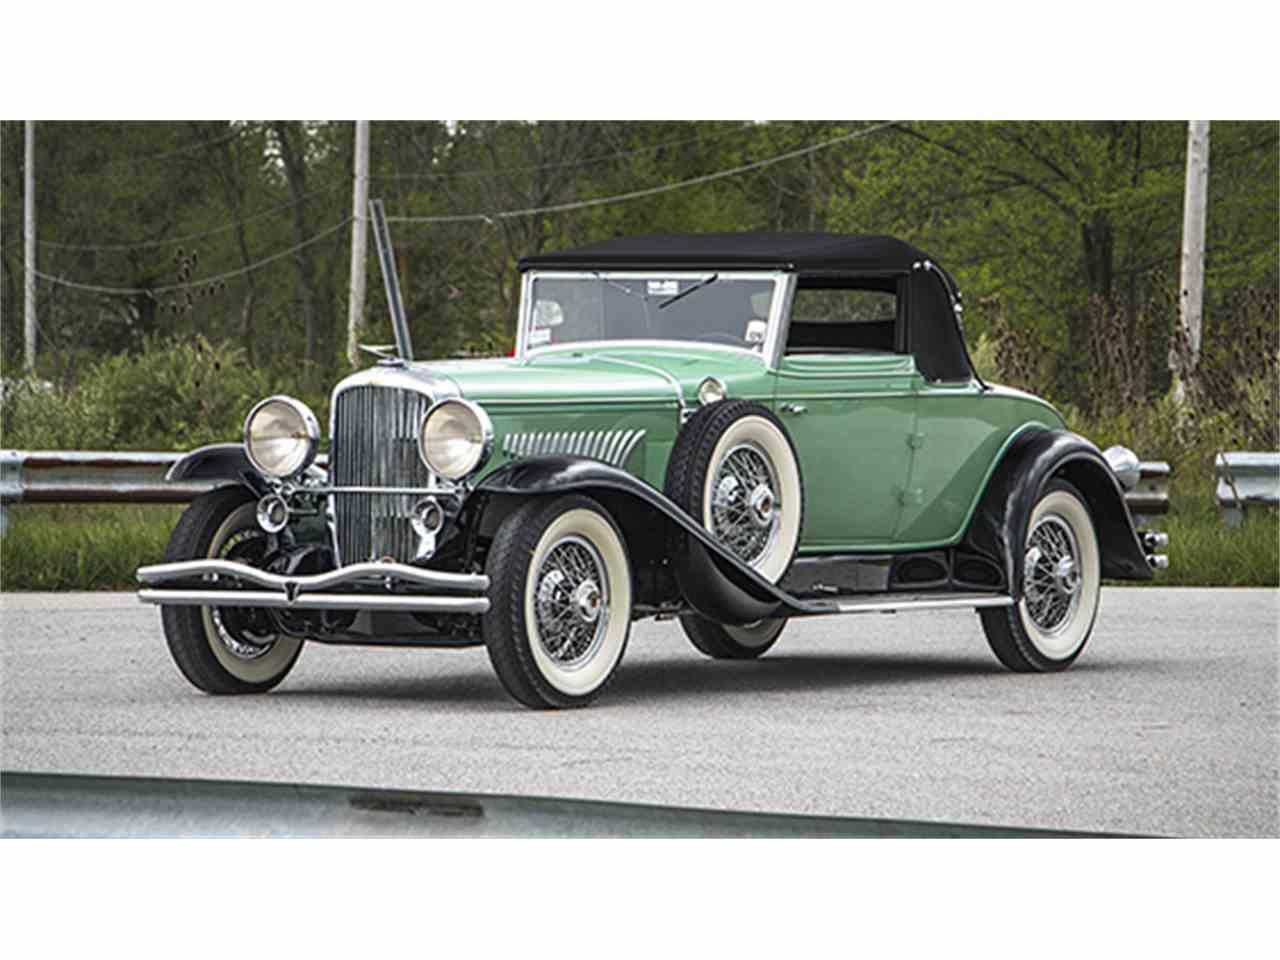 1929 デュッセンバーグ モデルJ